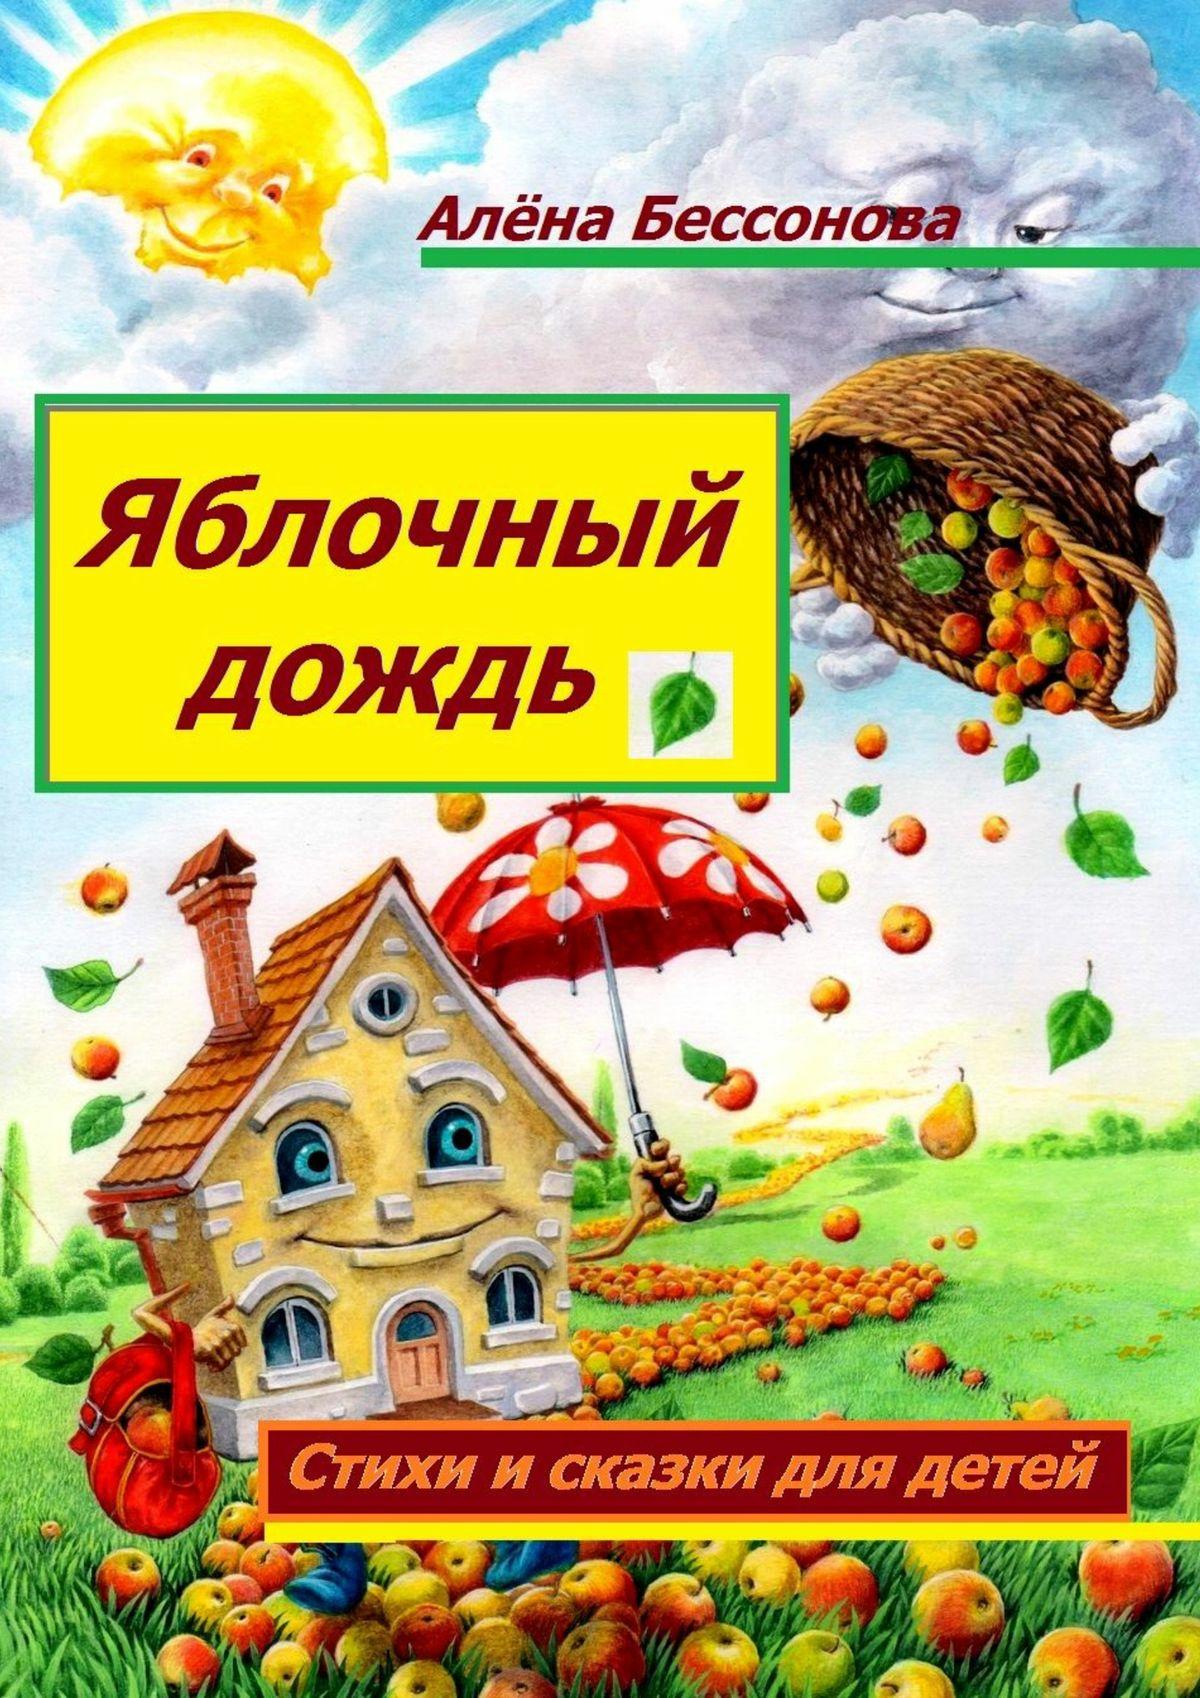 Яблочный дождь. Стихи и сказки для детей